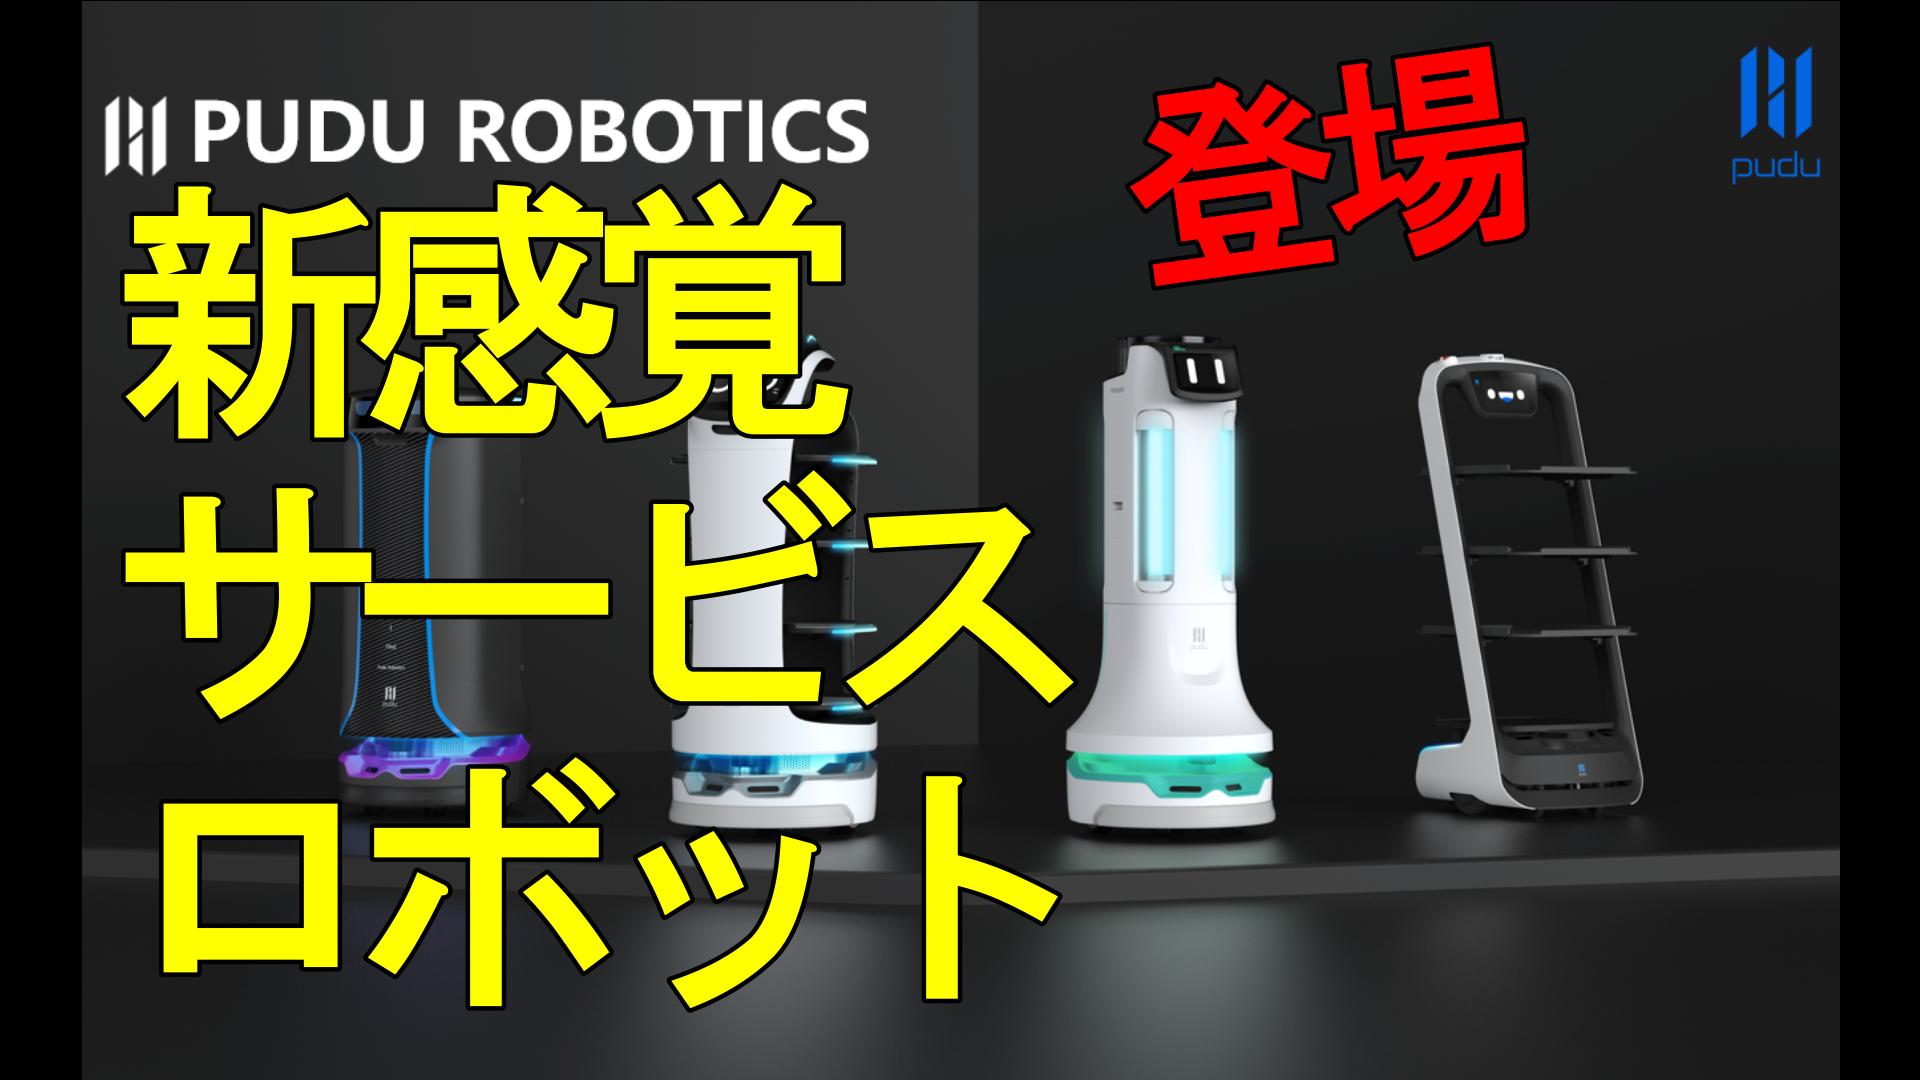 《新感覚サービスロボット!》 『PUDU』社製サービスロボットの取扱いを開始しました